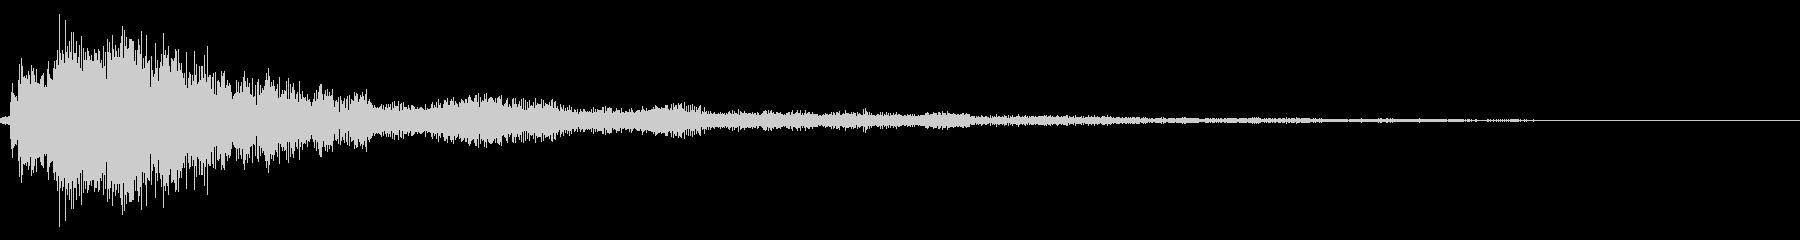 シンプルな決定/ボタン/クリック音 34の未再生の波形